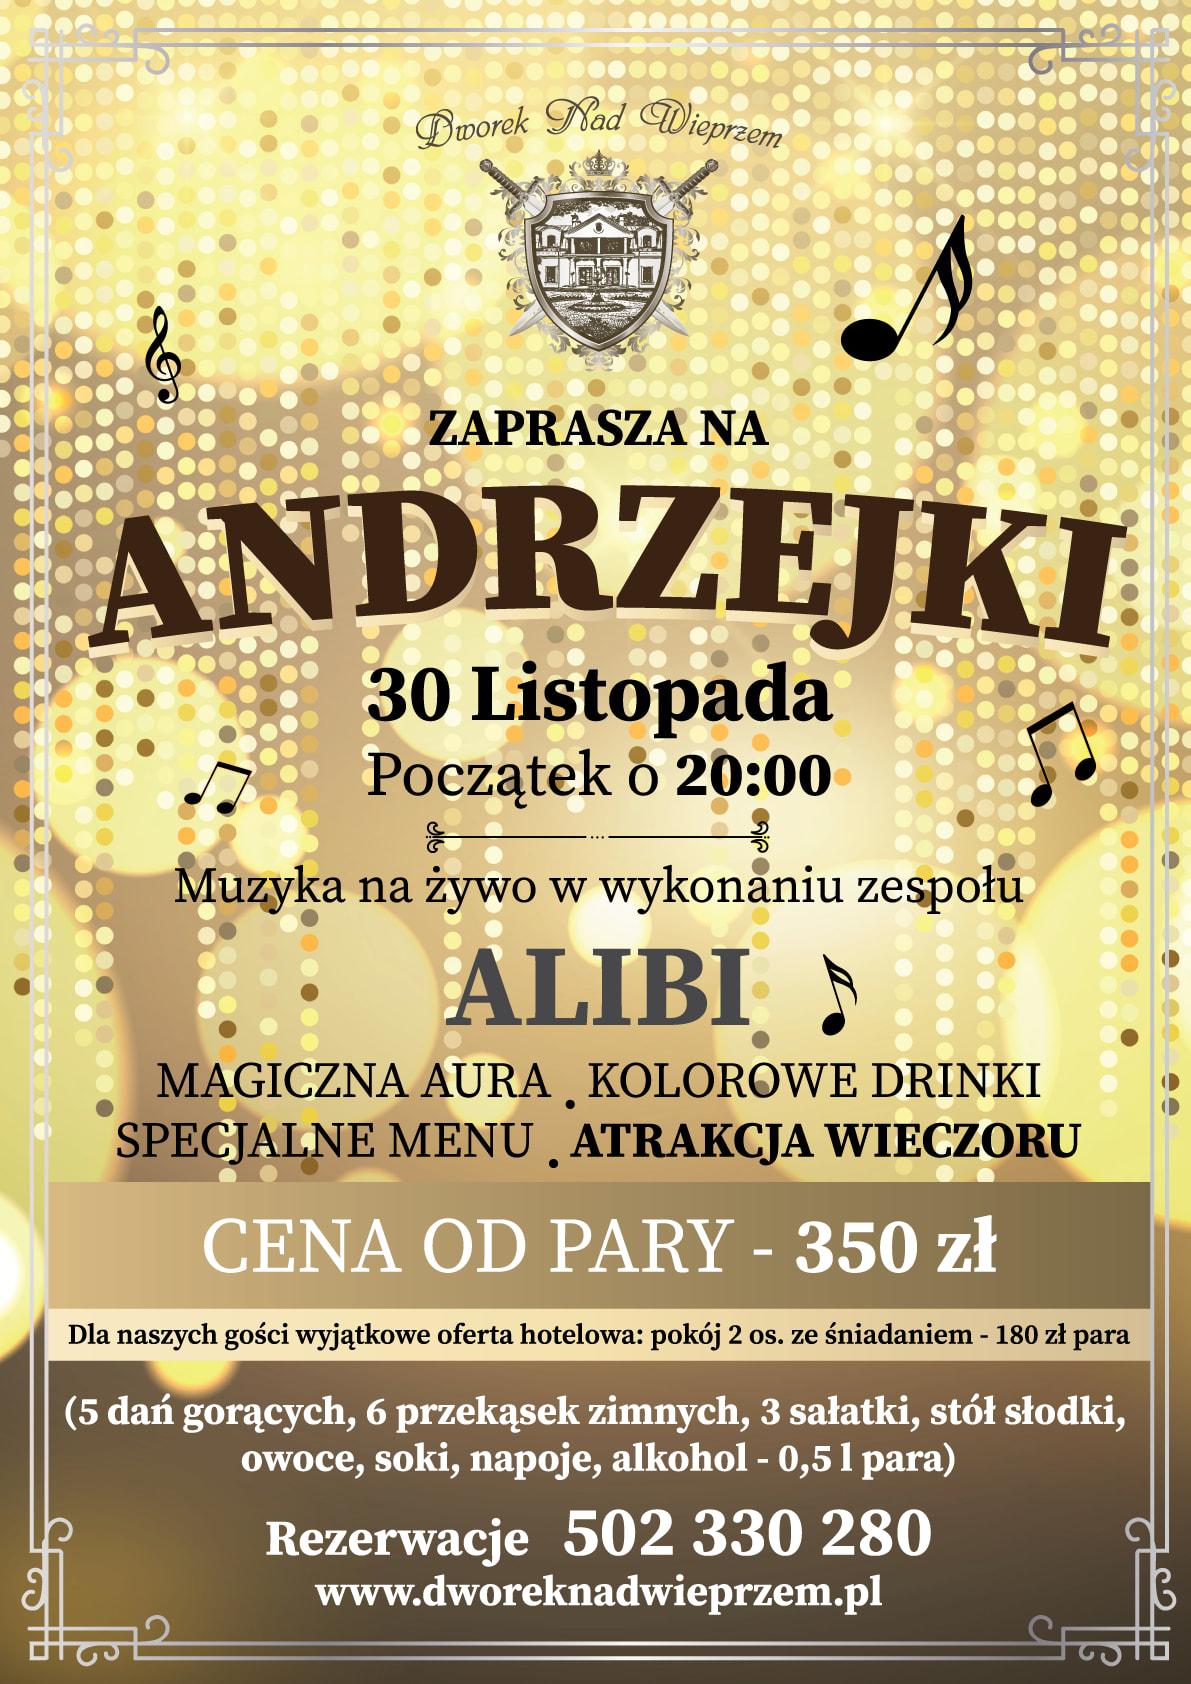 Dworek Nad Wiepszem Andrzejki 2019